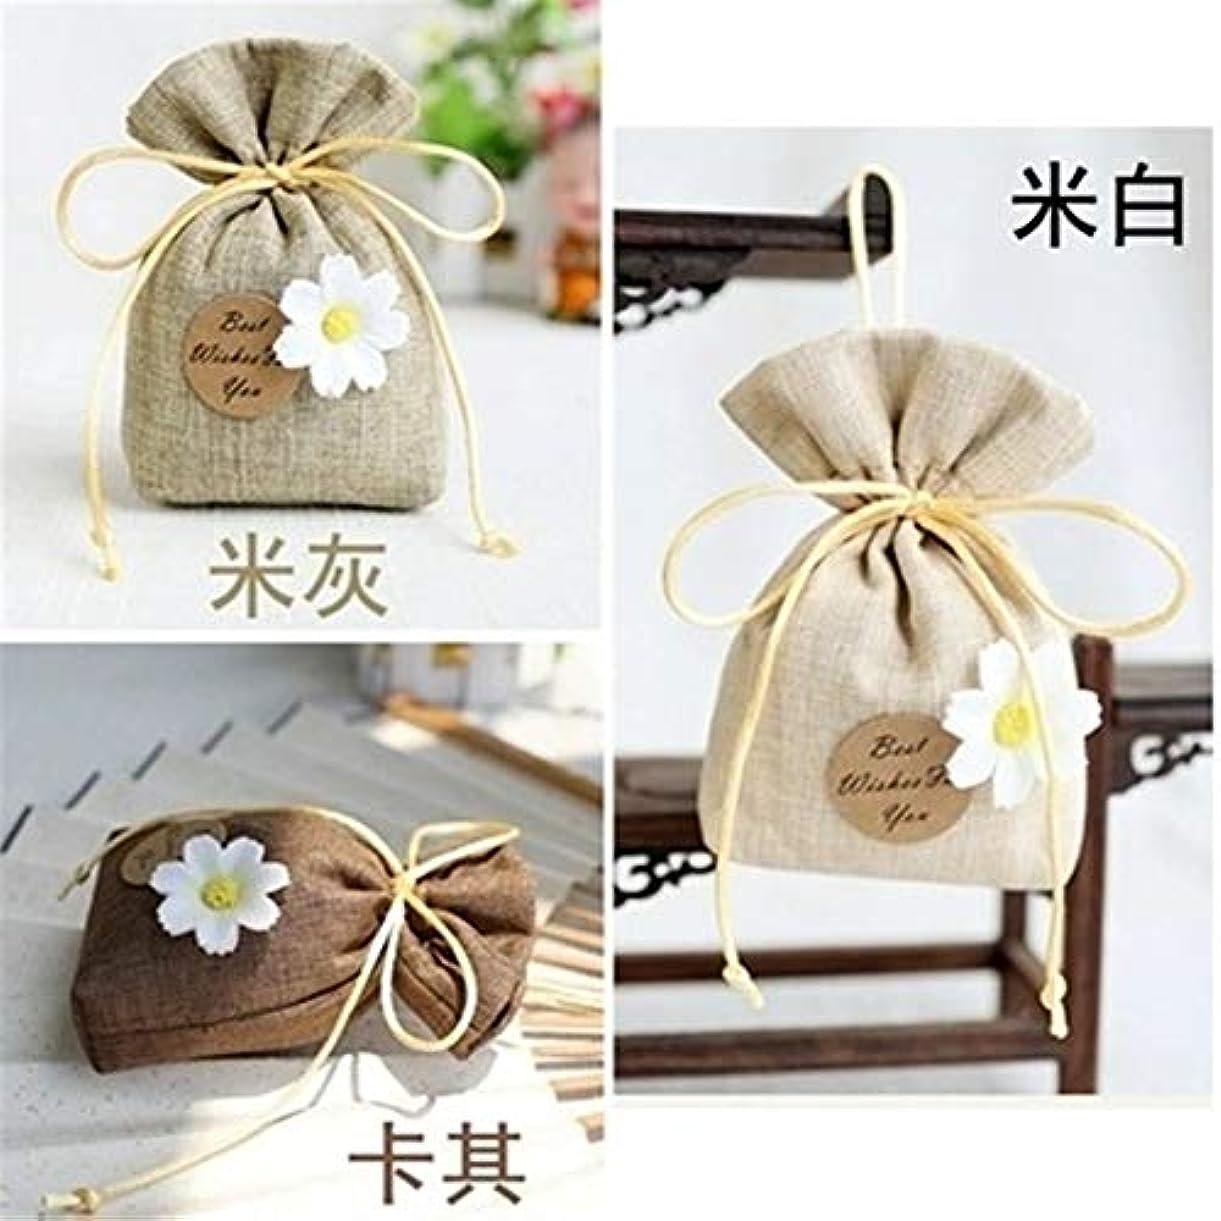 結果として協力的成果Gardenia/Clove/Gulongの芳香の芳香の芳香剤の香料入りの磨き粉、ワードローブのための自然な芳香の芳香の芳香袋、車、 (Color : Khaki, Scent Type : Gardenia)